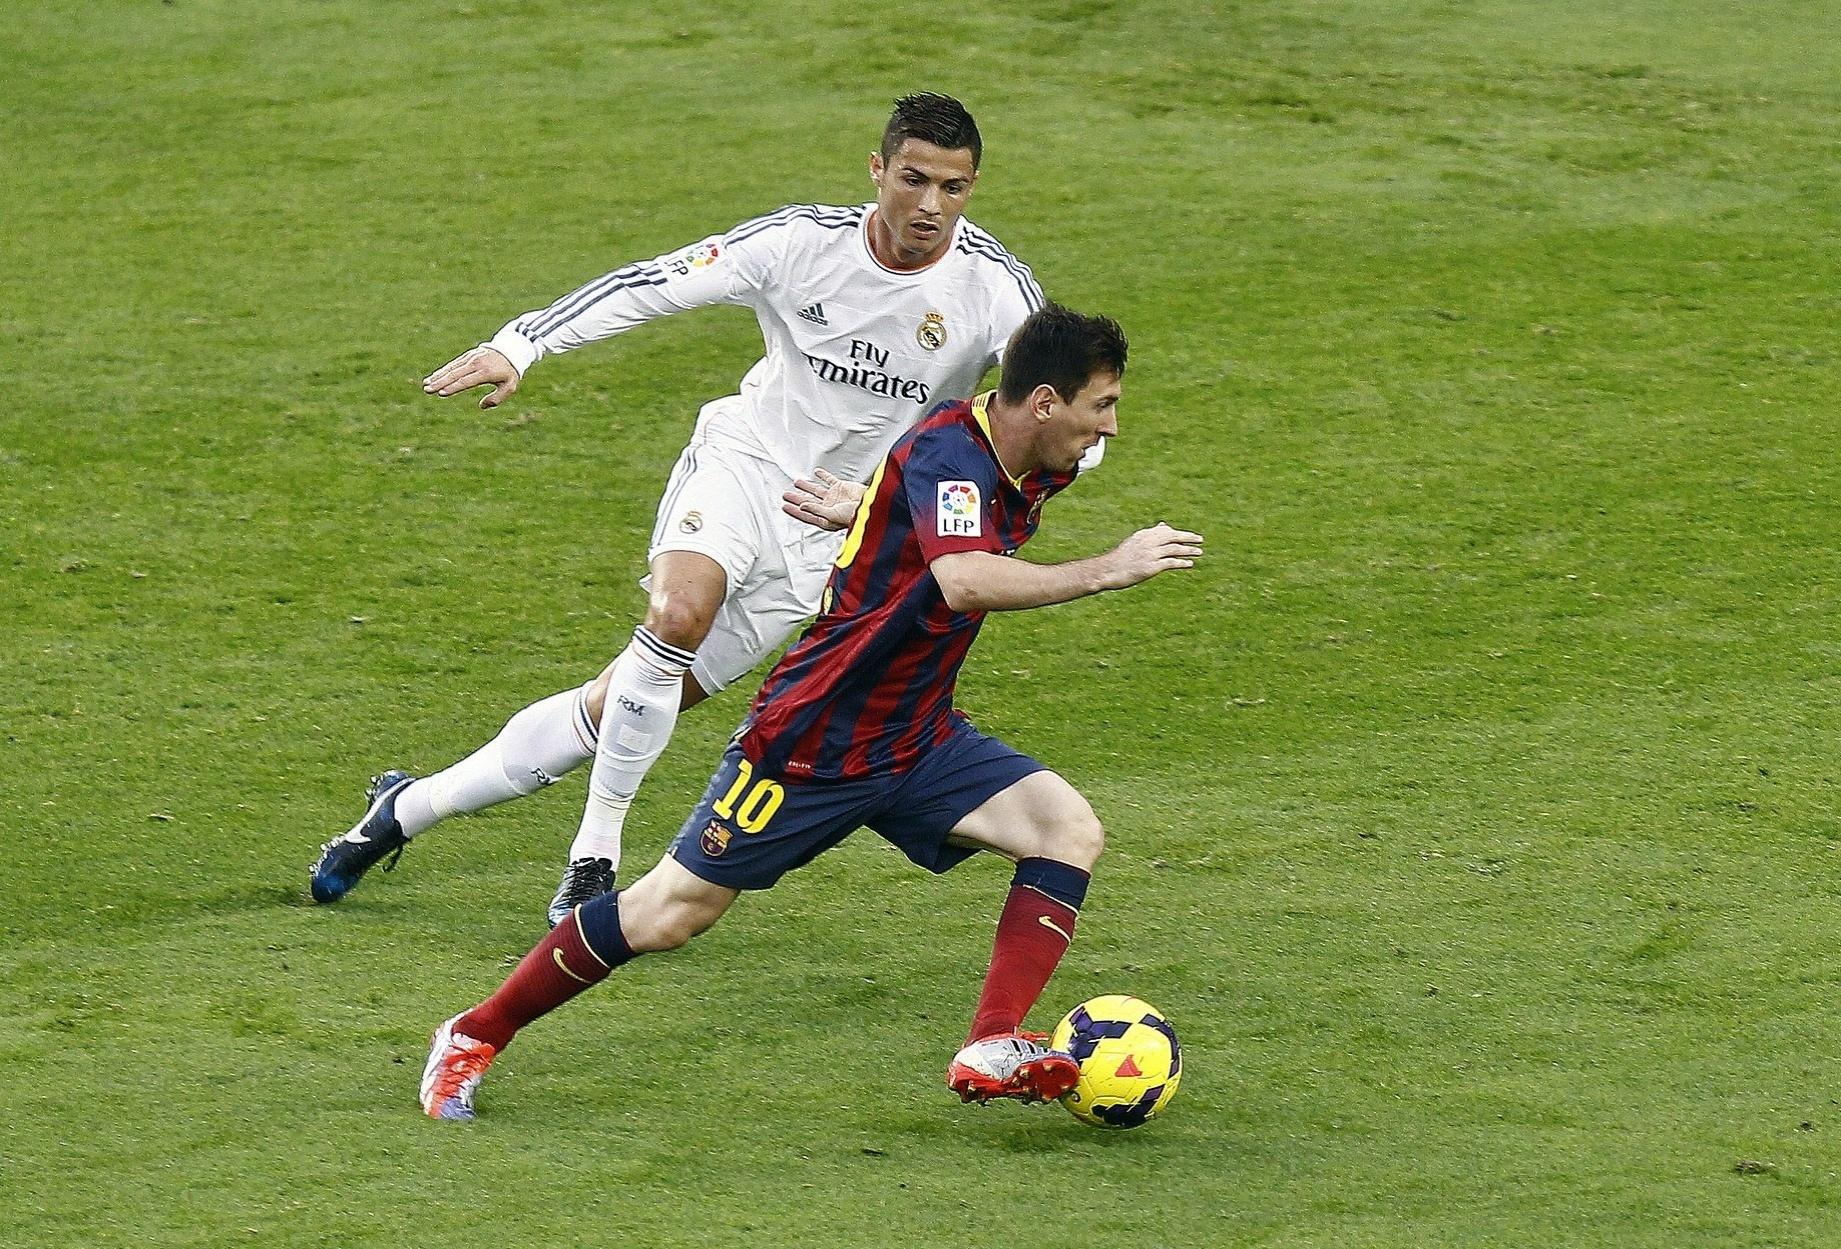 Cristiano Ronaldo e Messi se enfrentam em clássico entre Real Madrid e Barcelona, em 2013